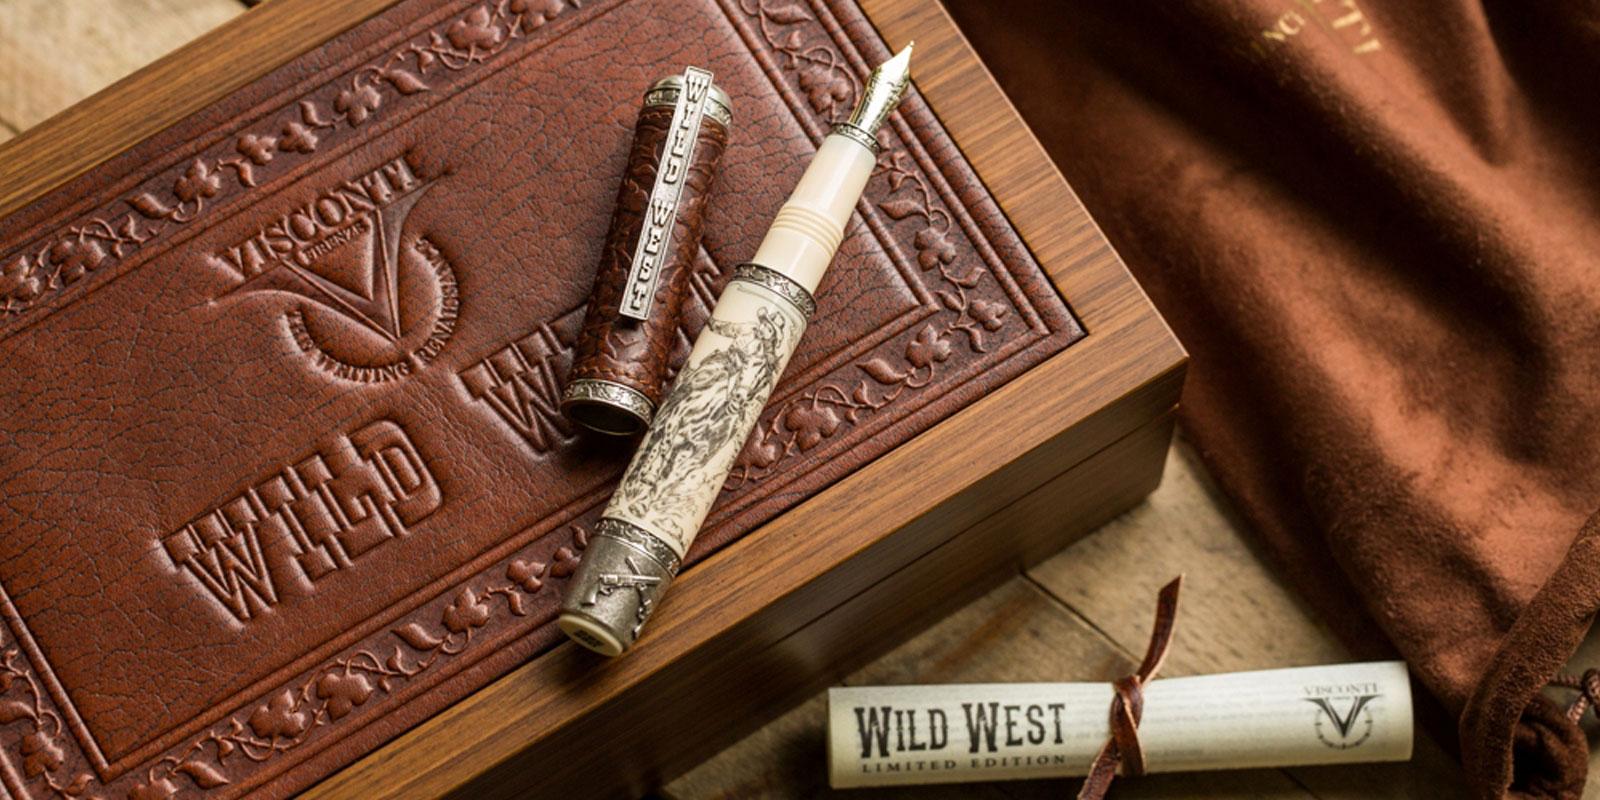 visconti-wild-west